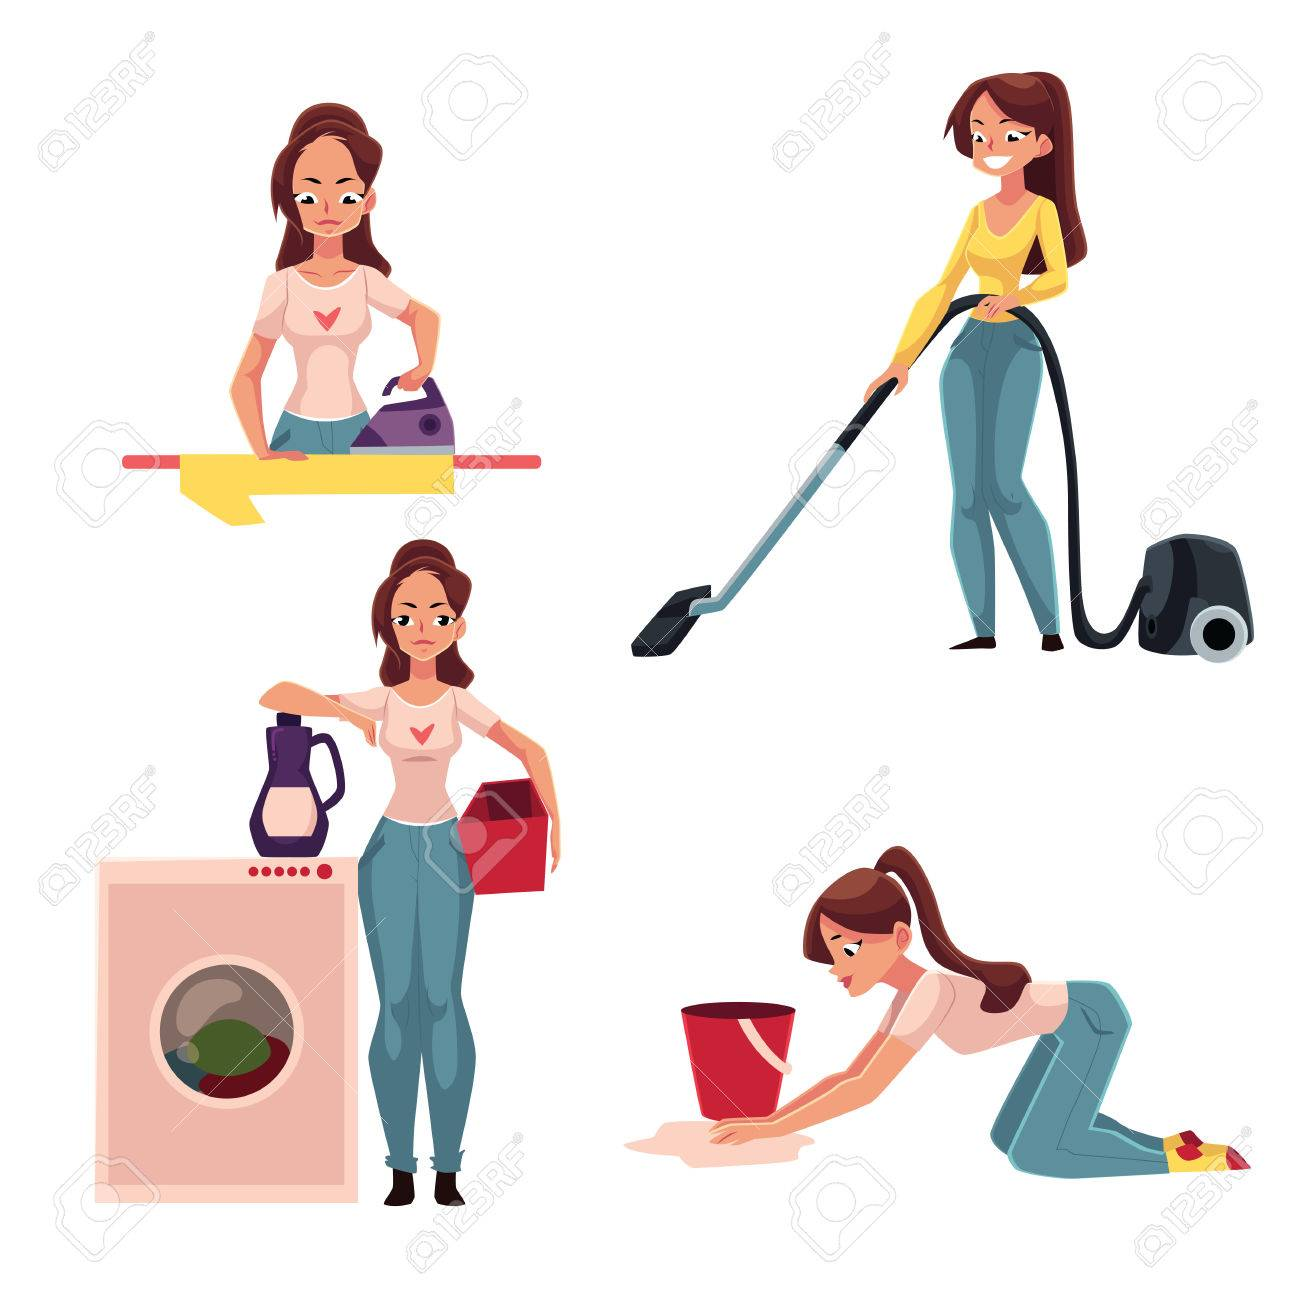 Junge Frau, Hausfrau Tun Aufgaben   Bügeln, Waschen, Staubsaugen ...